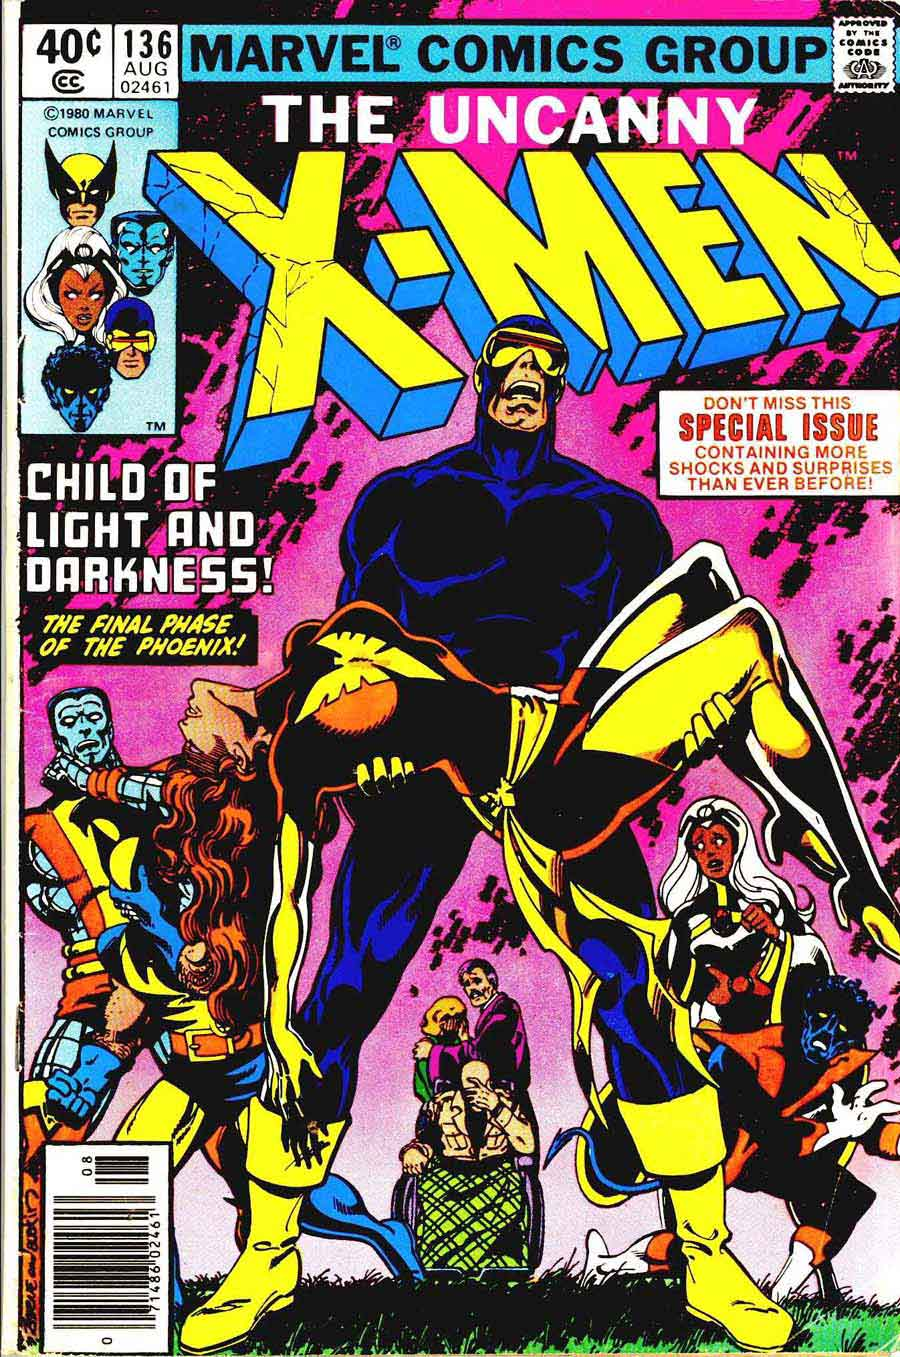 X-men v1 #136 marvel comic book cover art by John Byrne